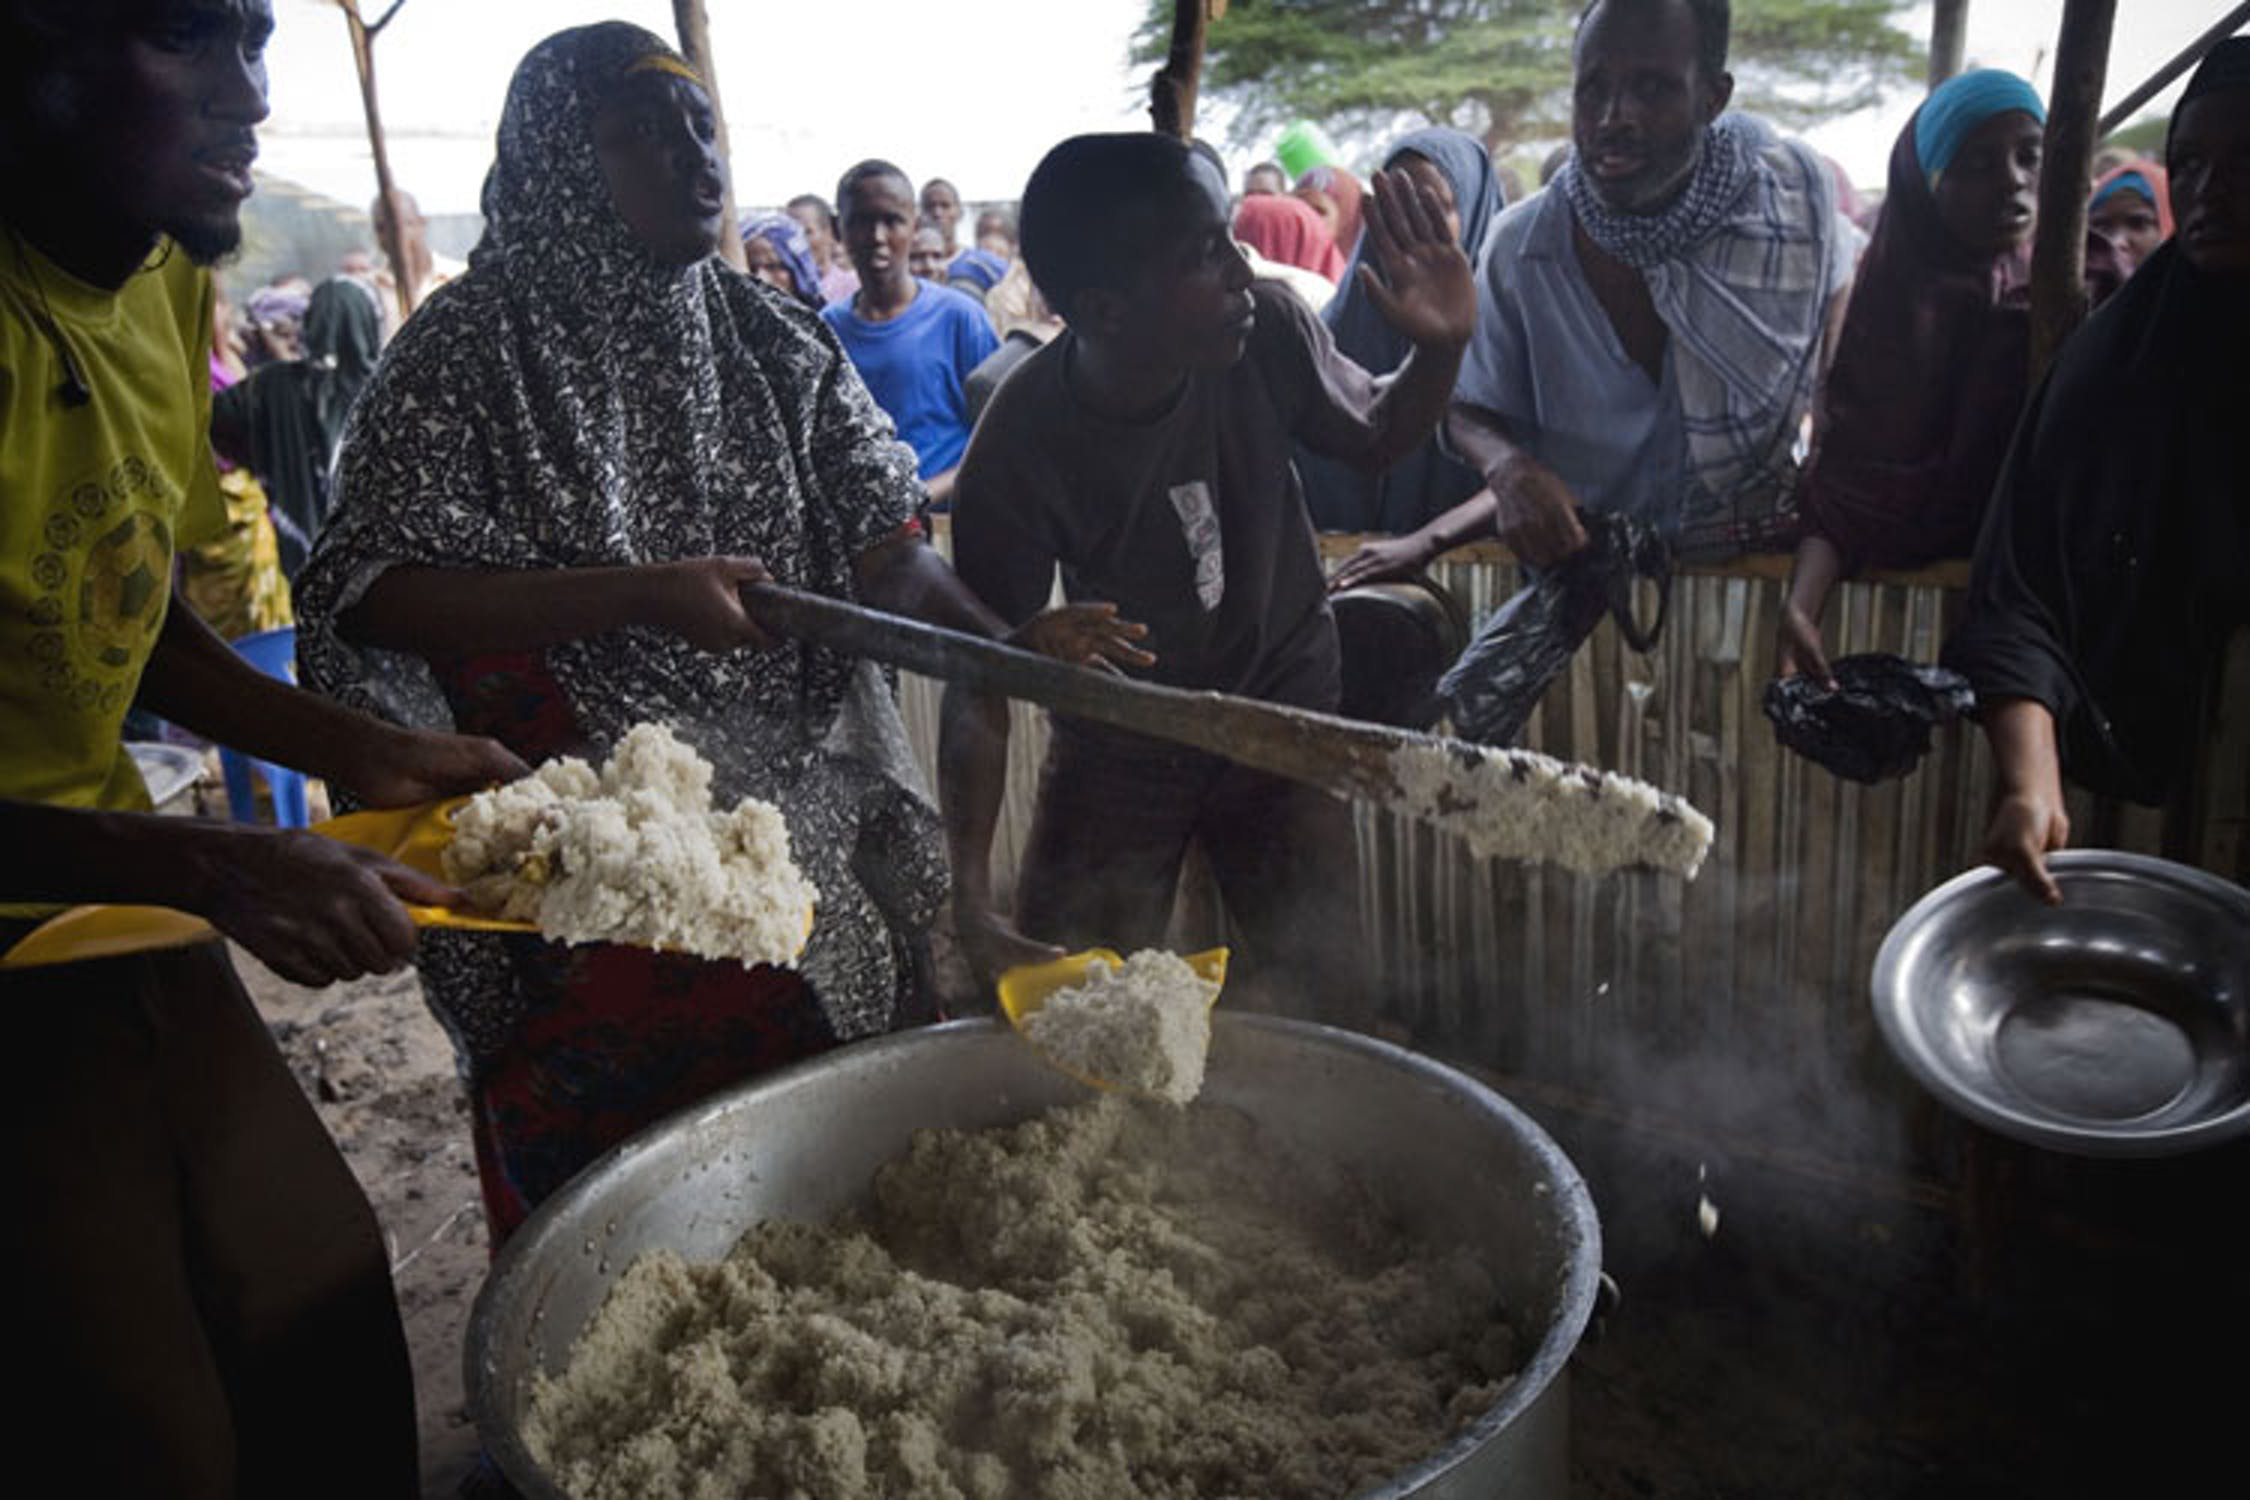 La cottura del pasto a base di mais nel campo per sfollati di Badbado, a Mogadiscio (Somalia) - ©UNICEF NYHQ/2011-1226/Holt